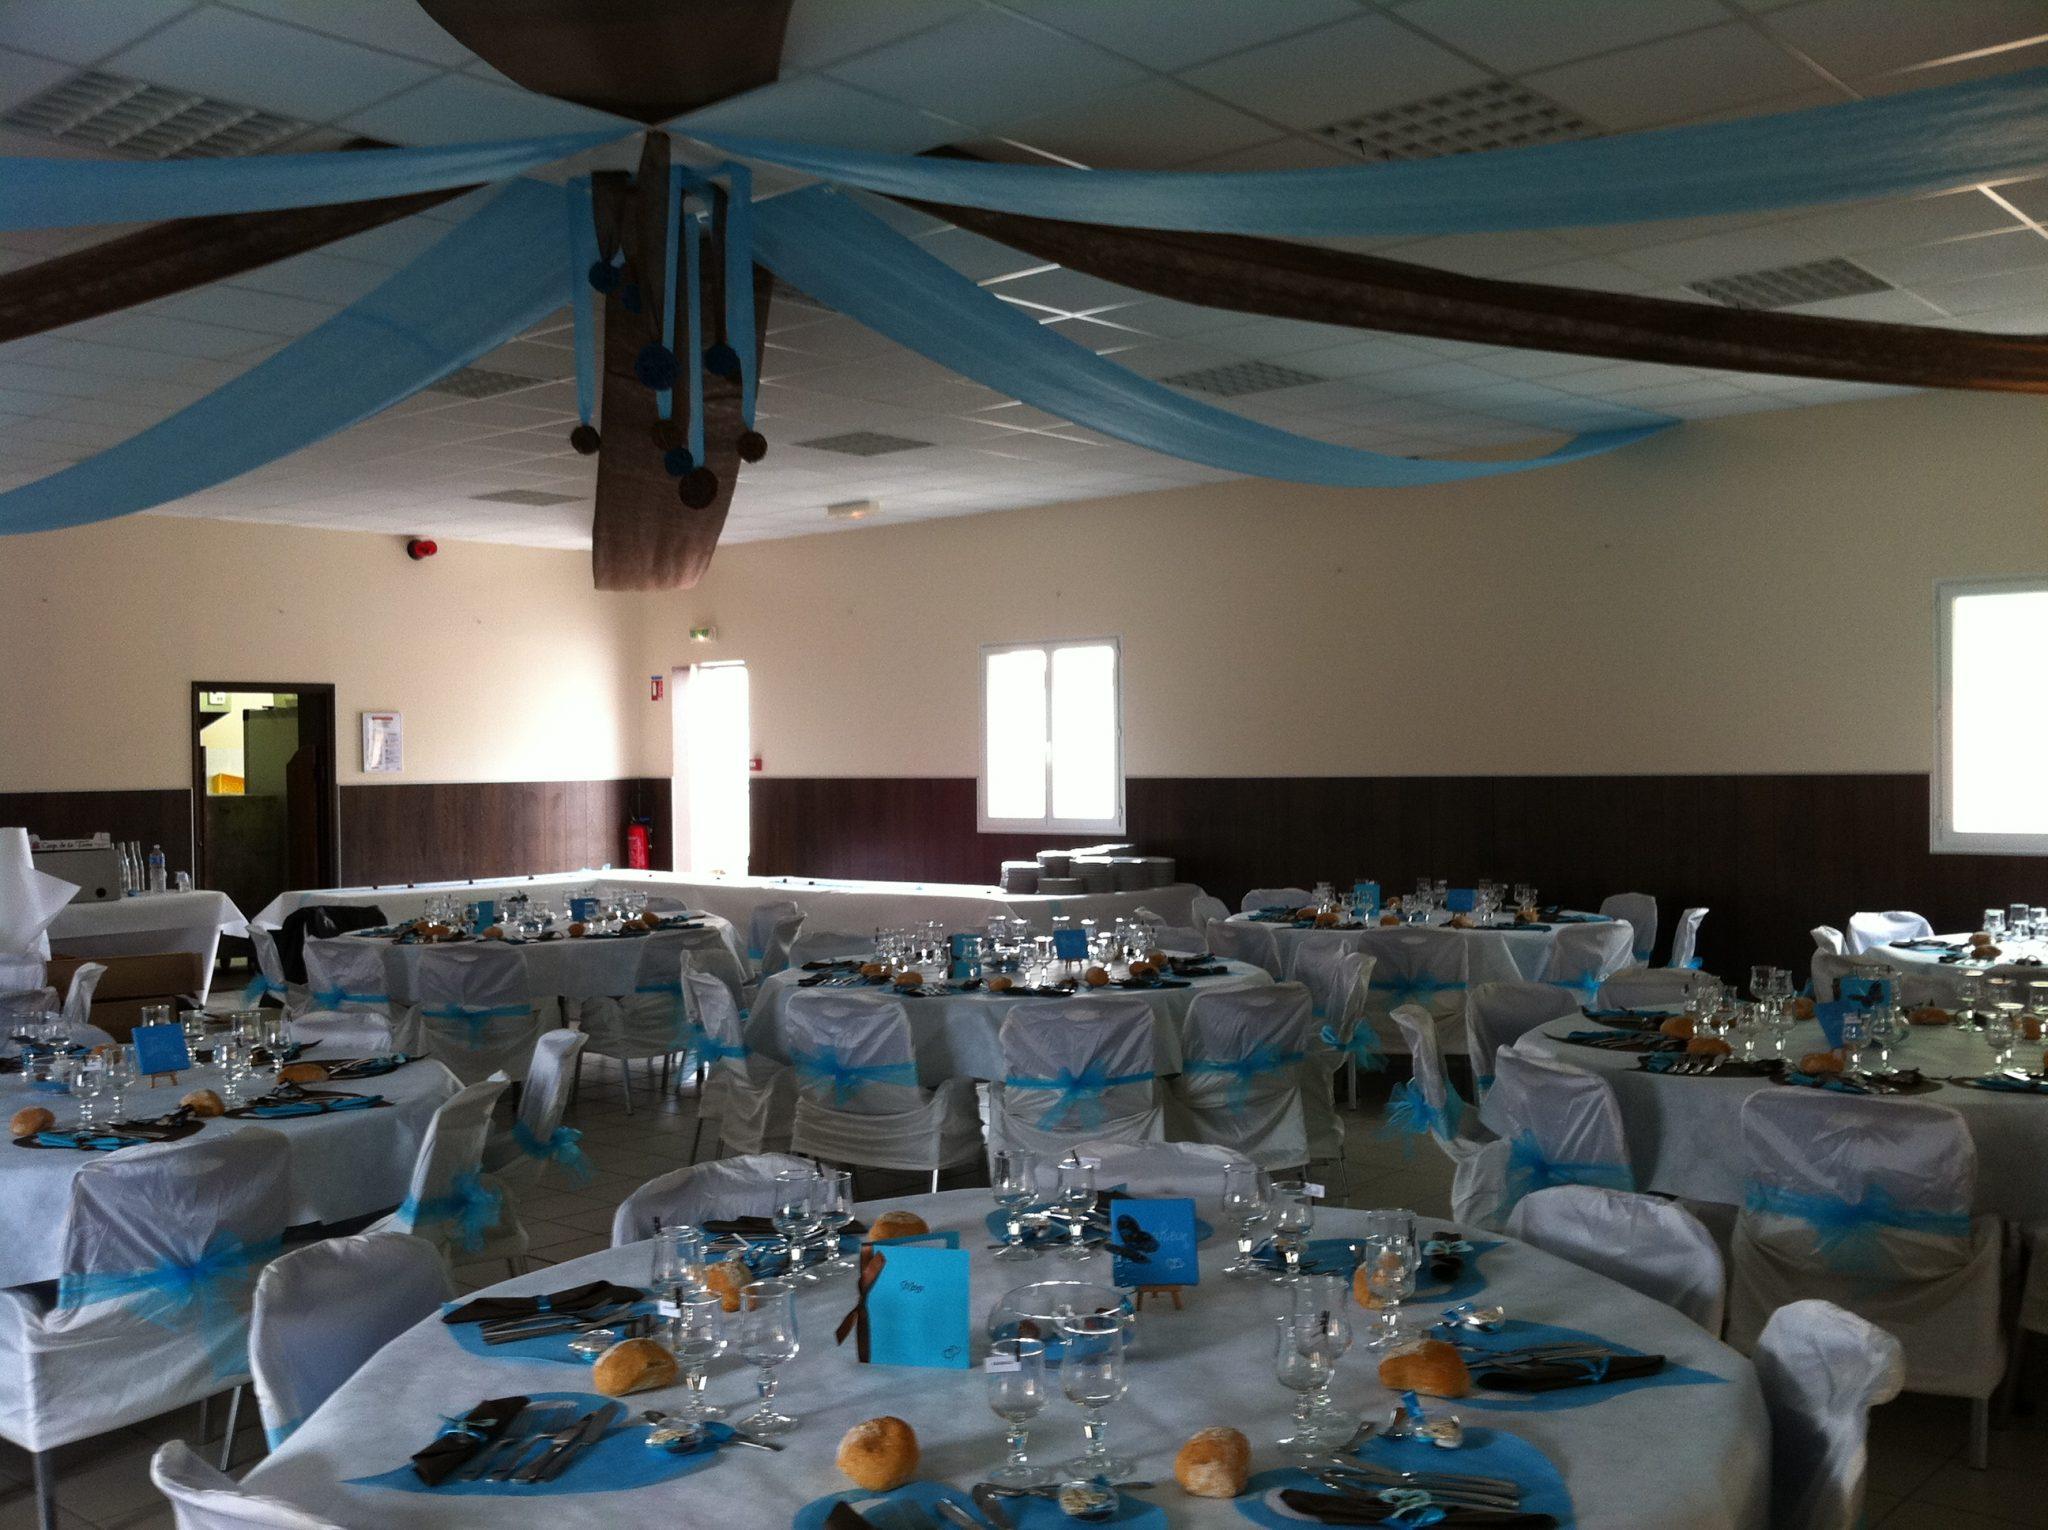 salle de mariage dcorations - Traiteur Mariage Lyon Pas Cher